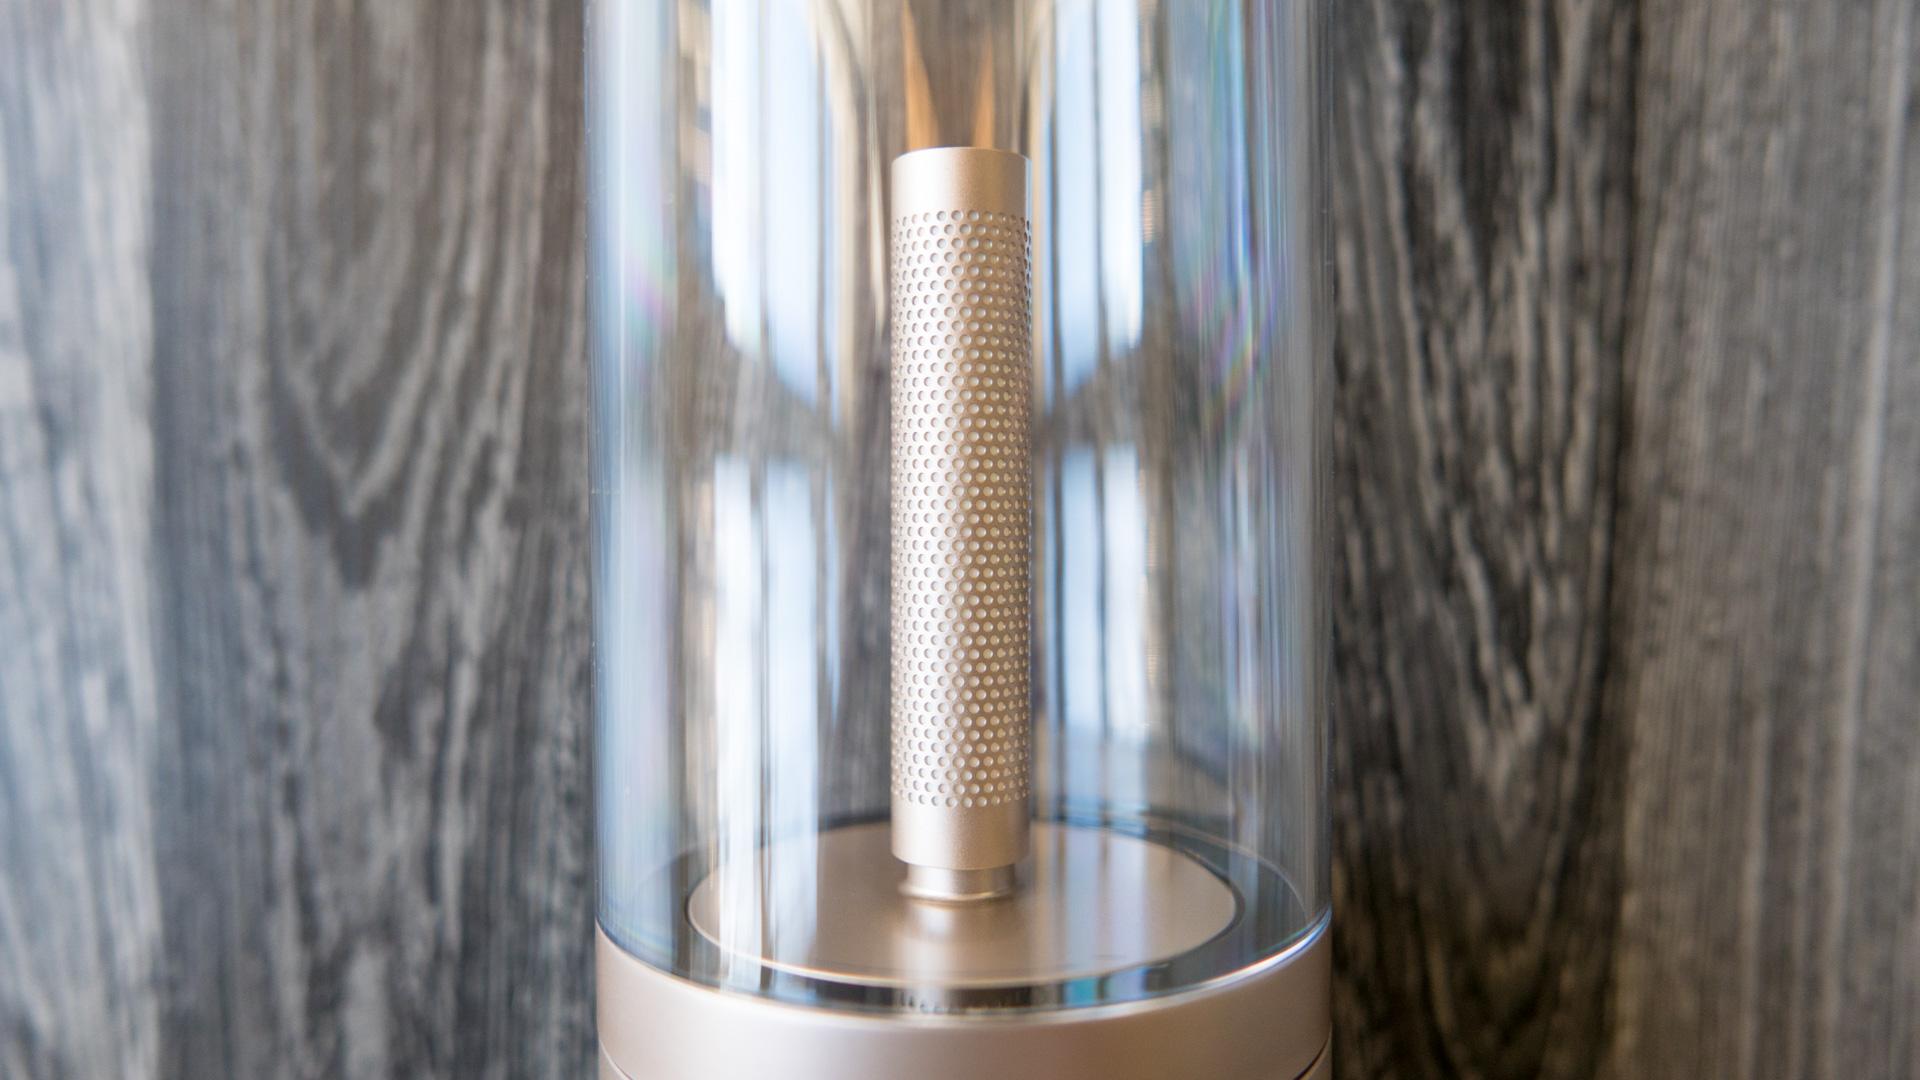 Yeelight Candela Kerzenlicht Detail 6